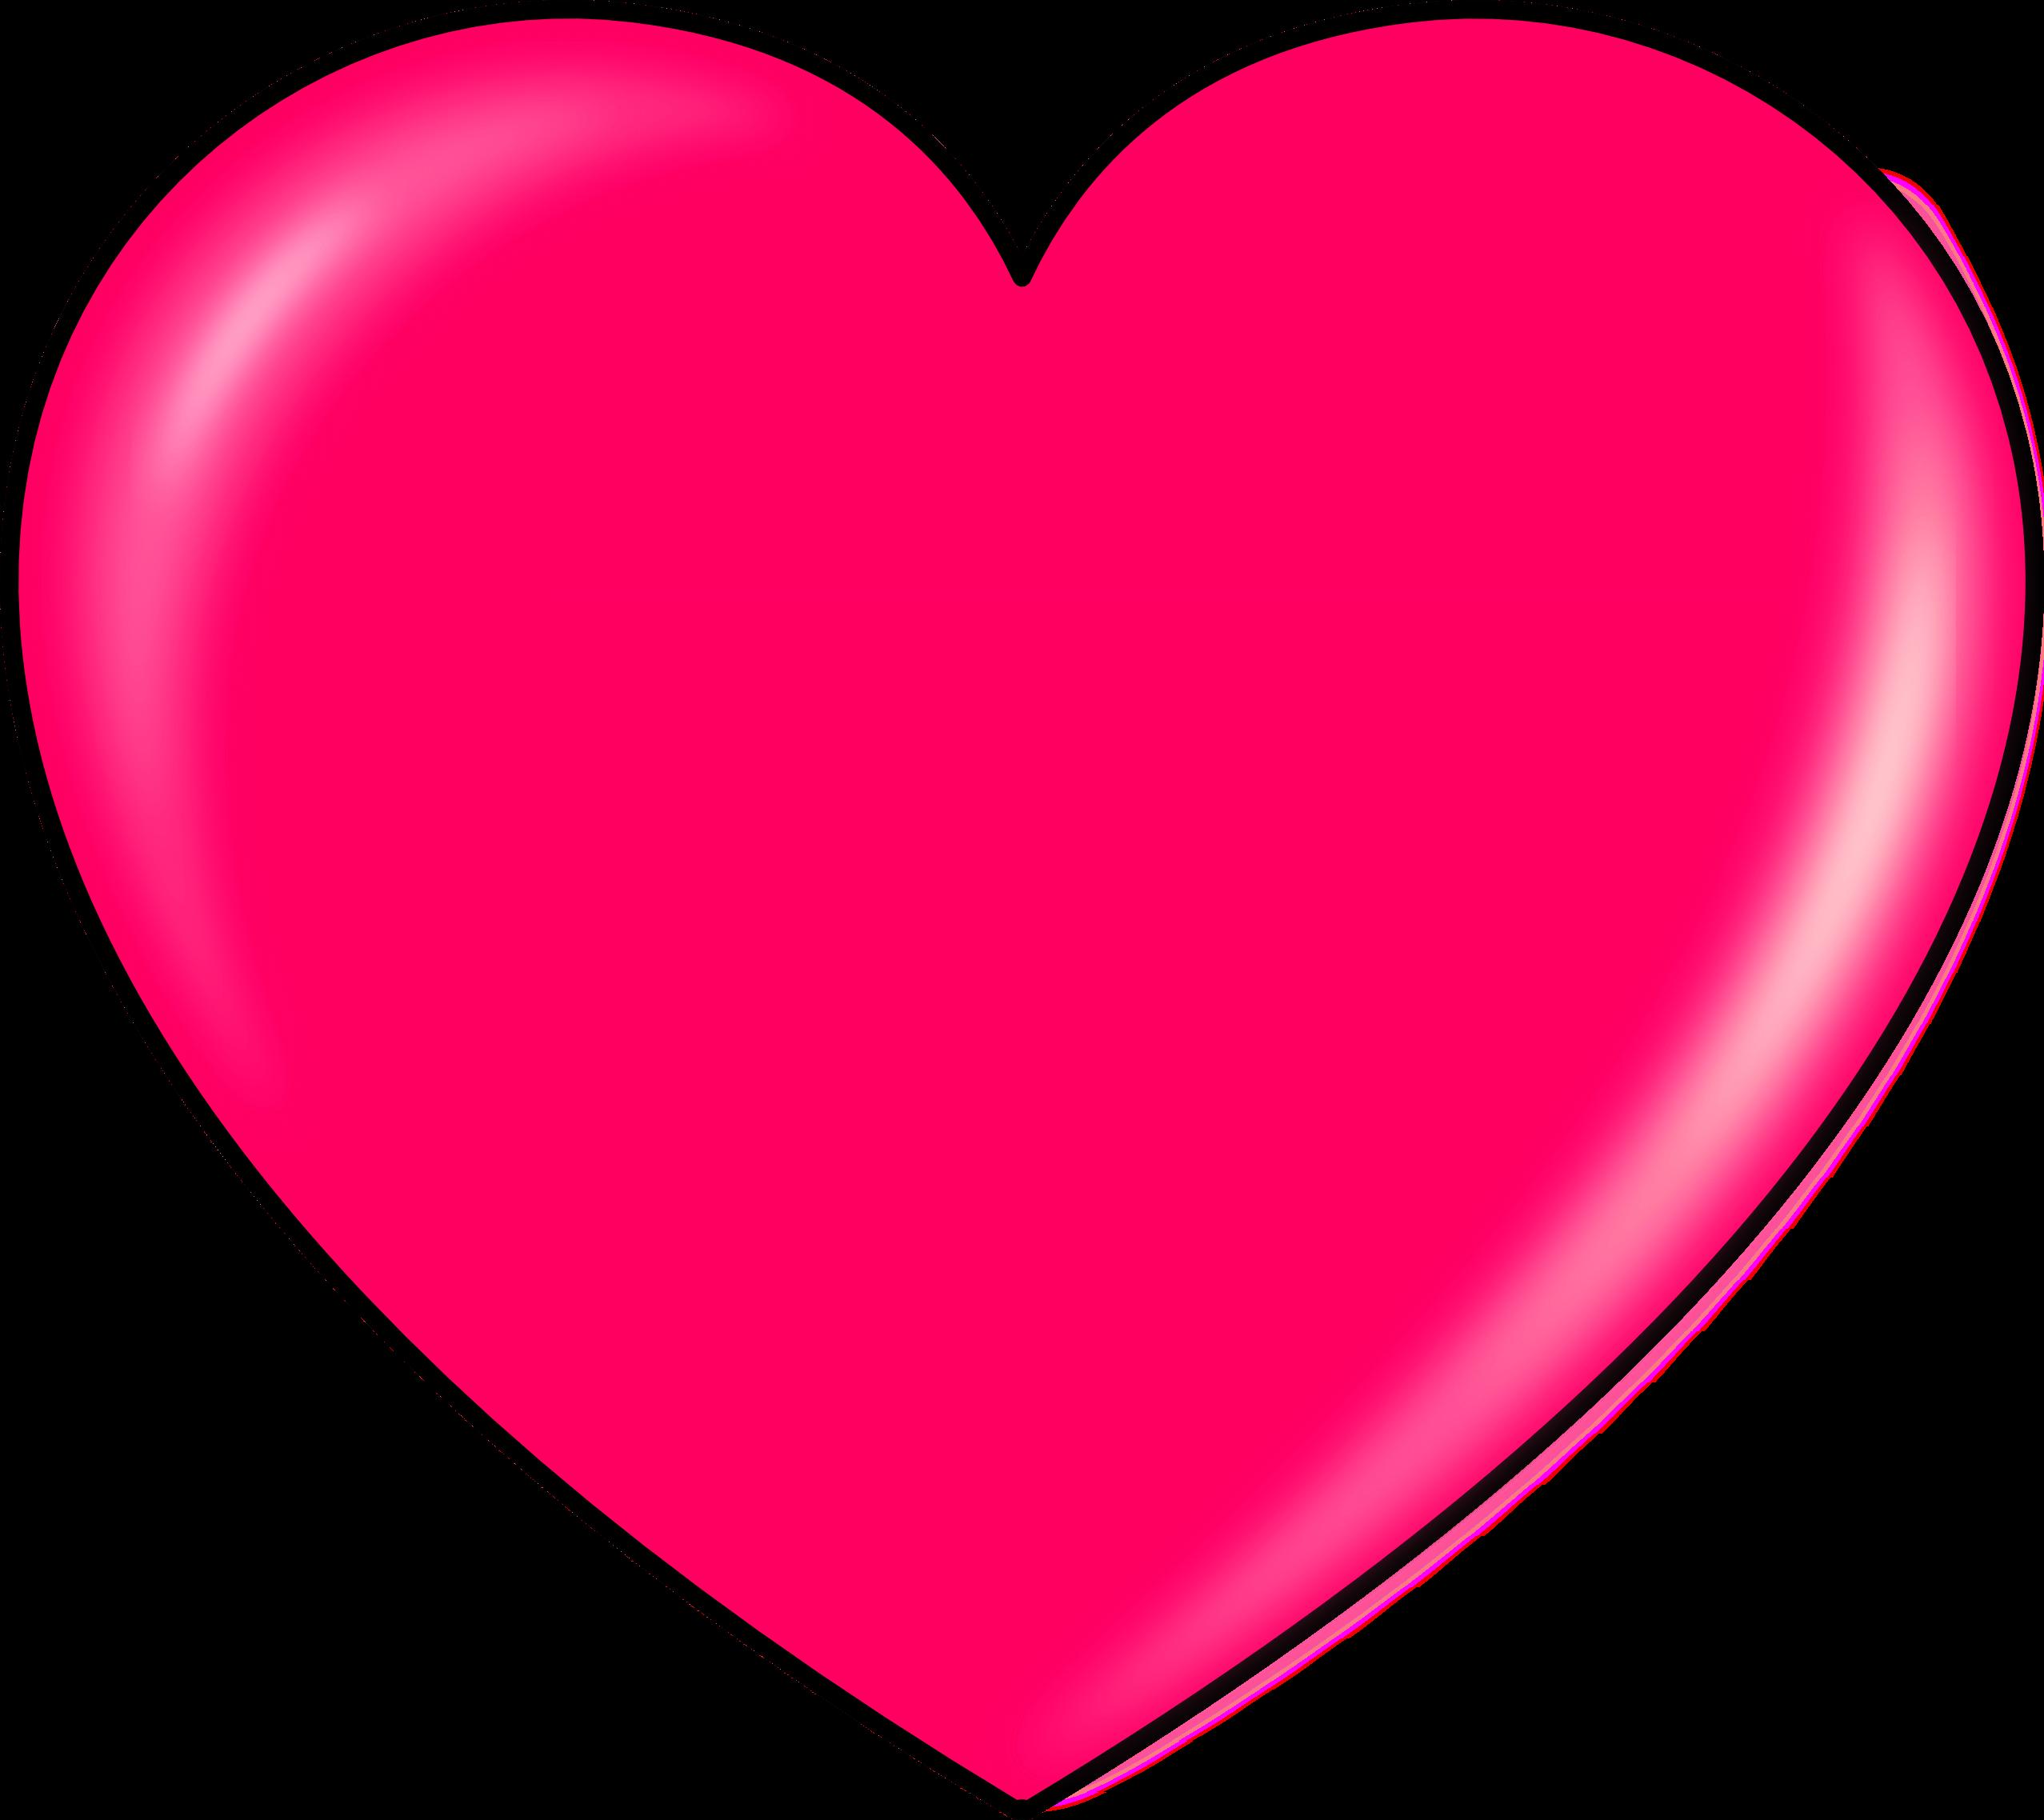 Brush heart clipart jpg library stock Beautiful Heart Cliparts - Cliparts Zone jpg library stock